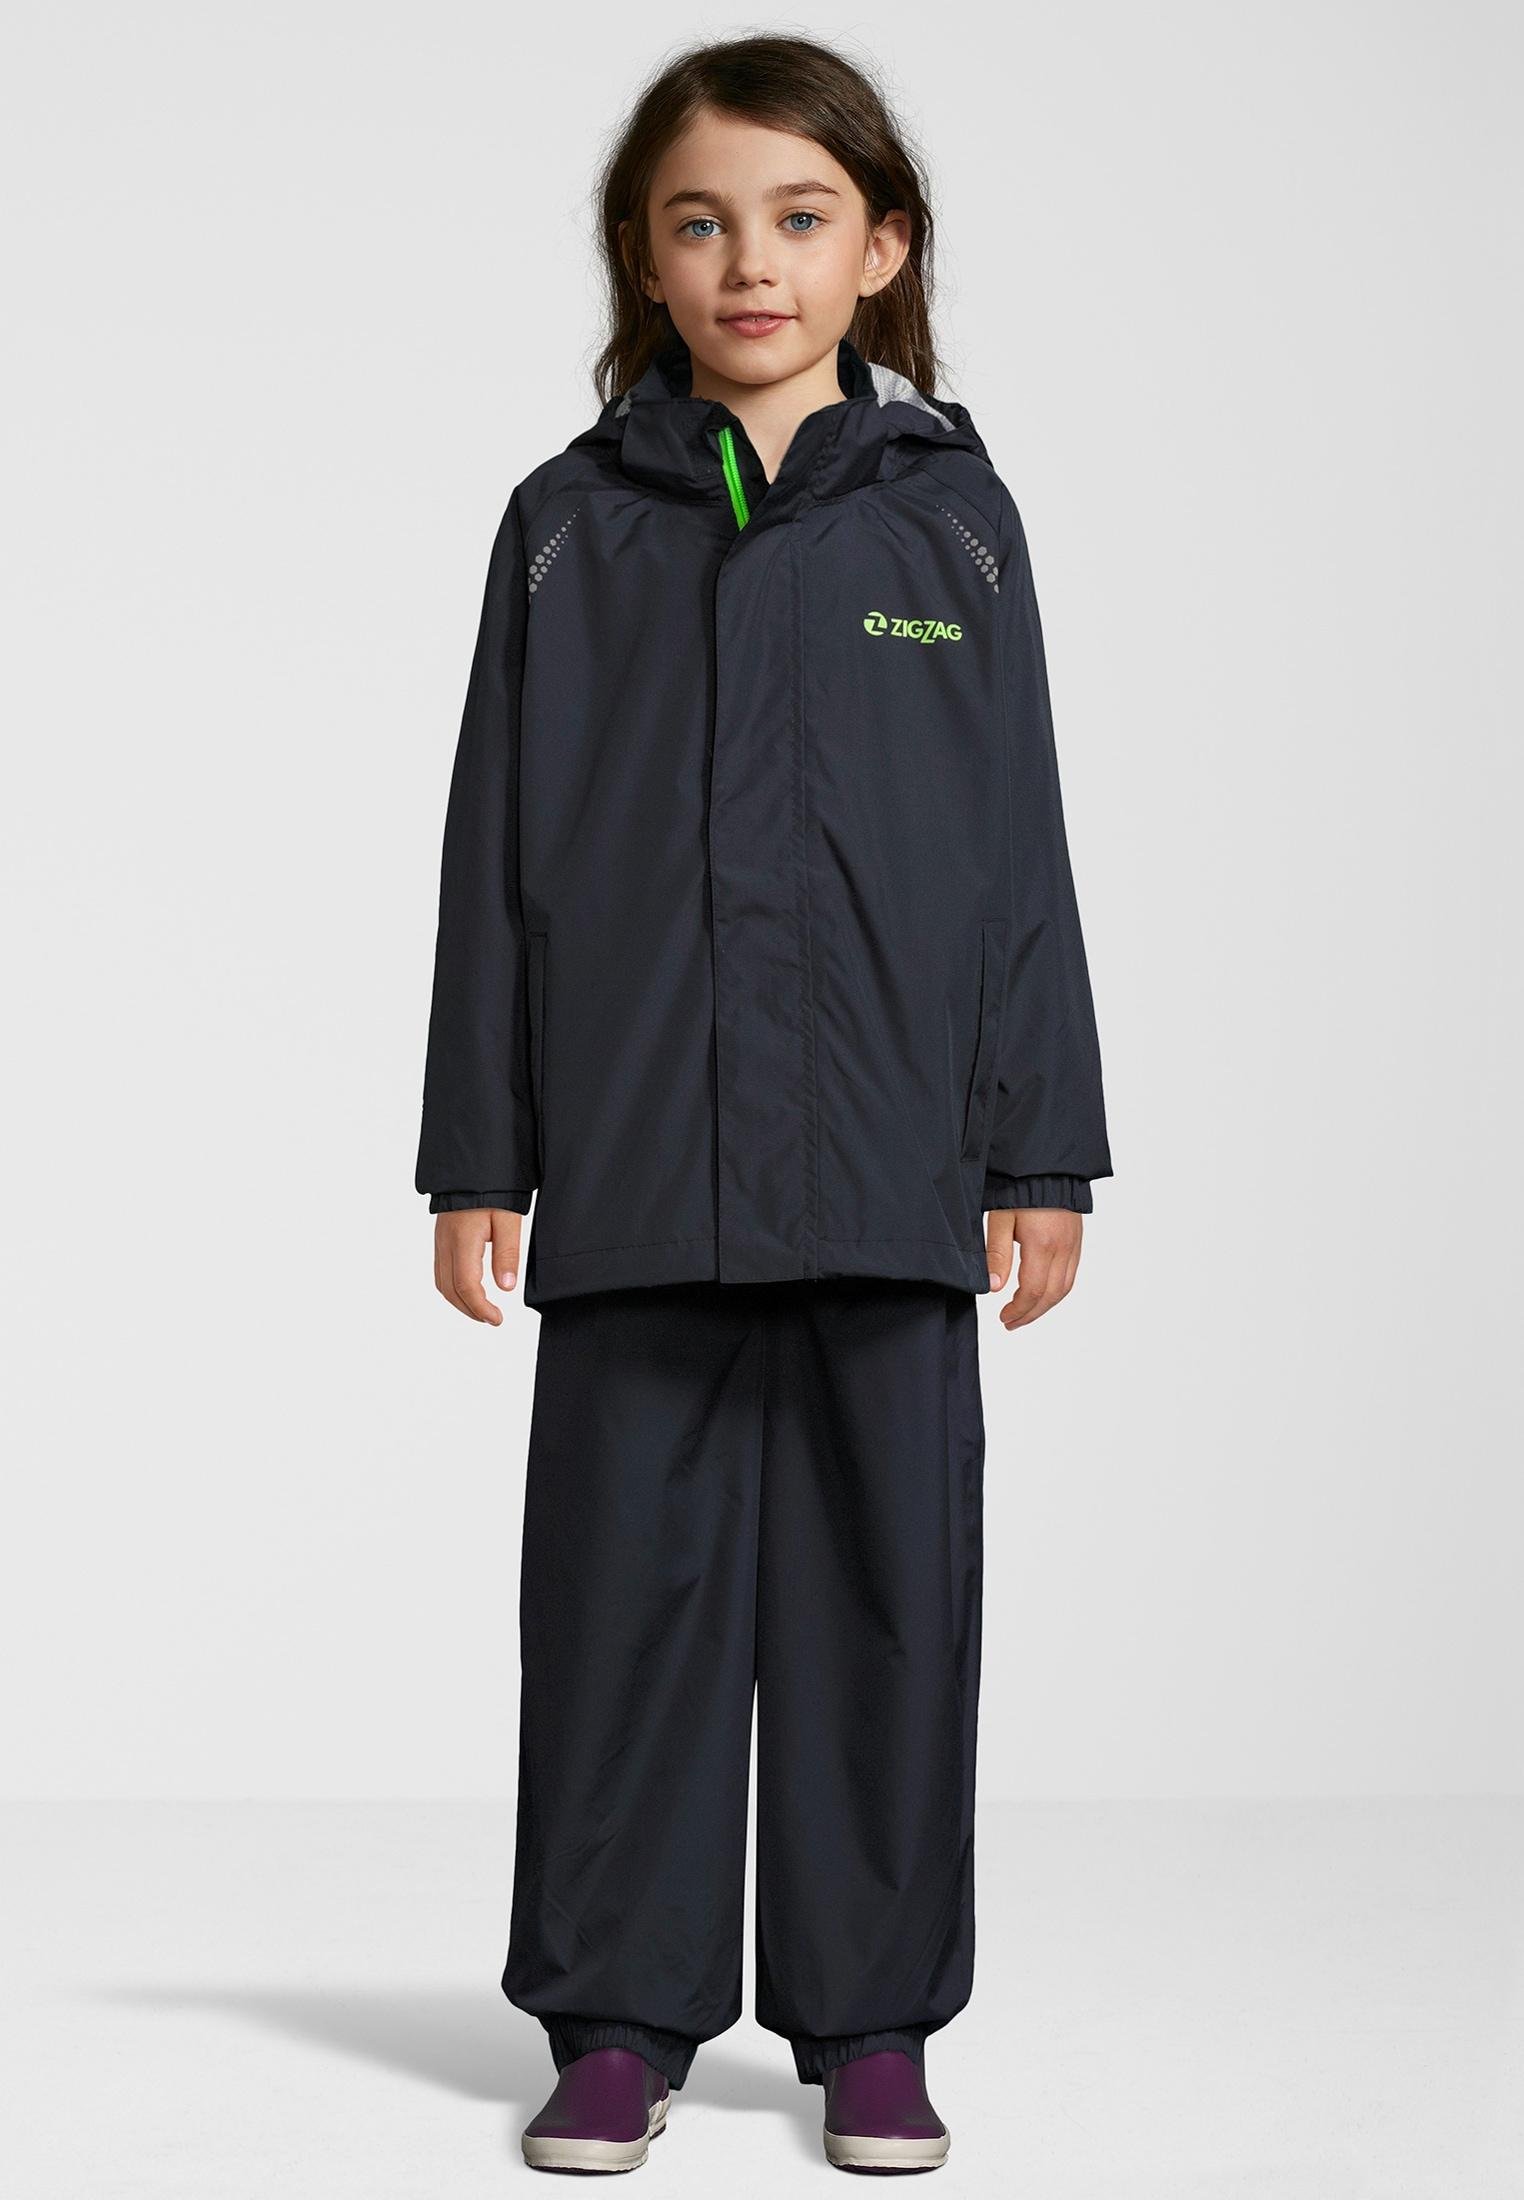 ZIGZAG Regenanzug Ophir W, W-PRO 10000 schwarz Kinder Regenanzüge Regenbekleidung Jungenkleidung 5712119009816